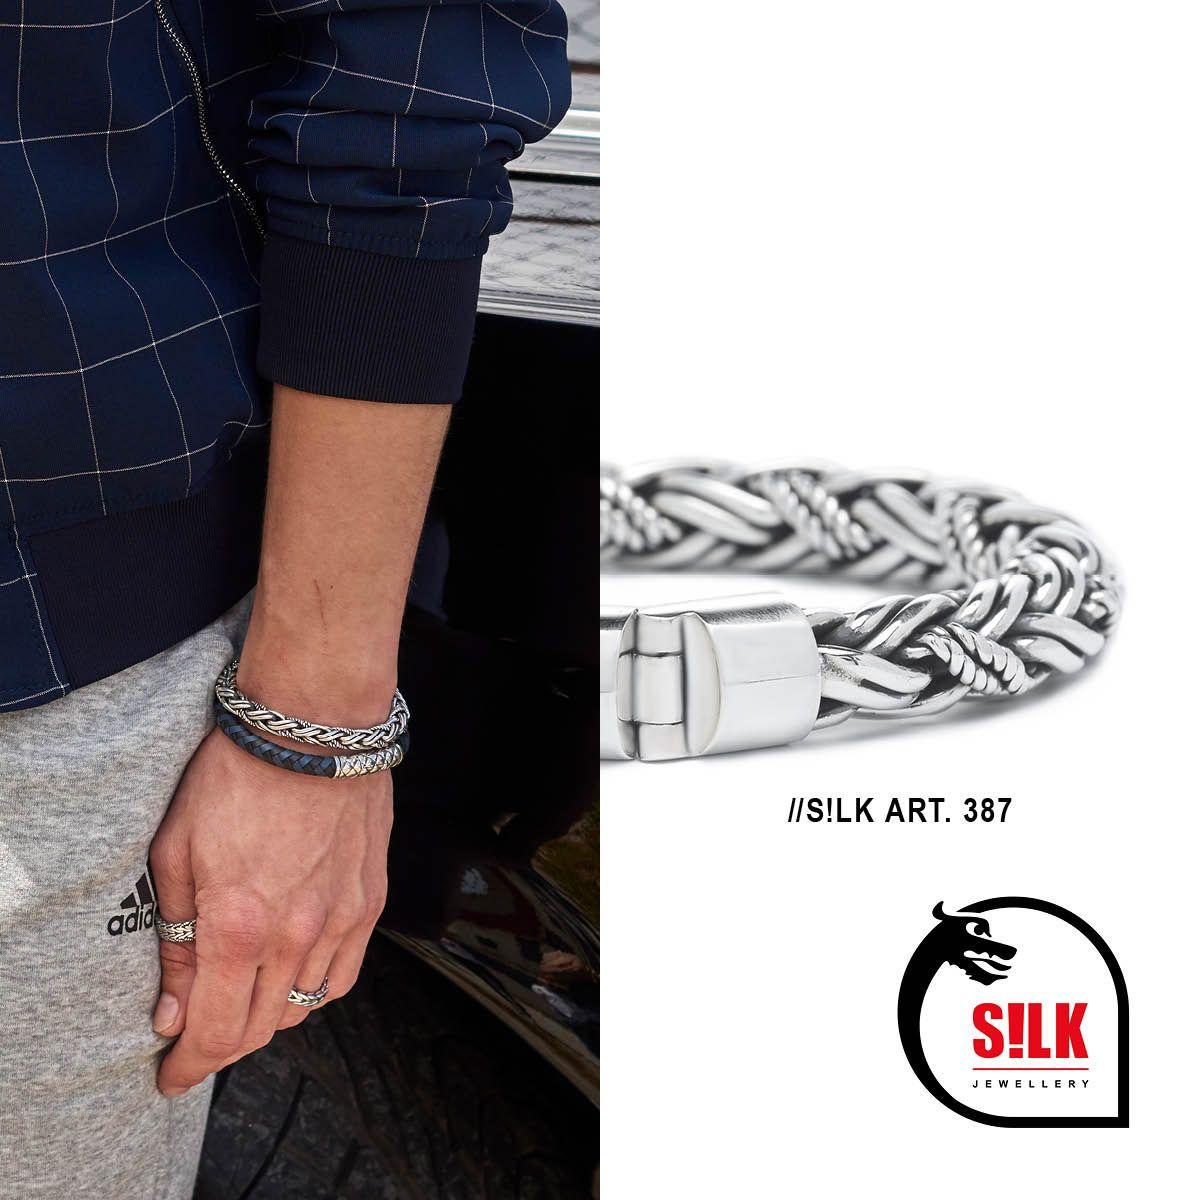 Zilveren Silk armband voor vader met gravering Zilver.nl